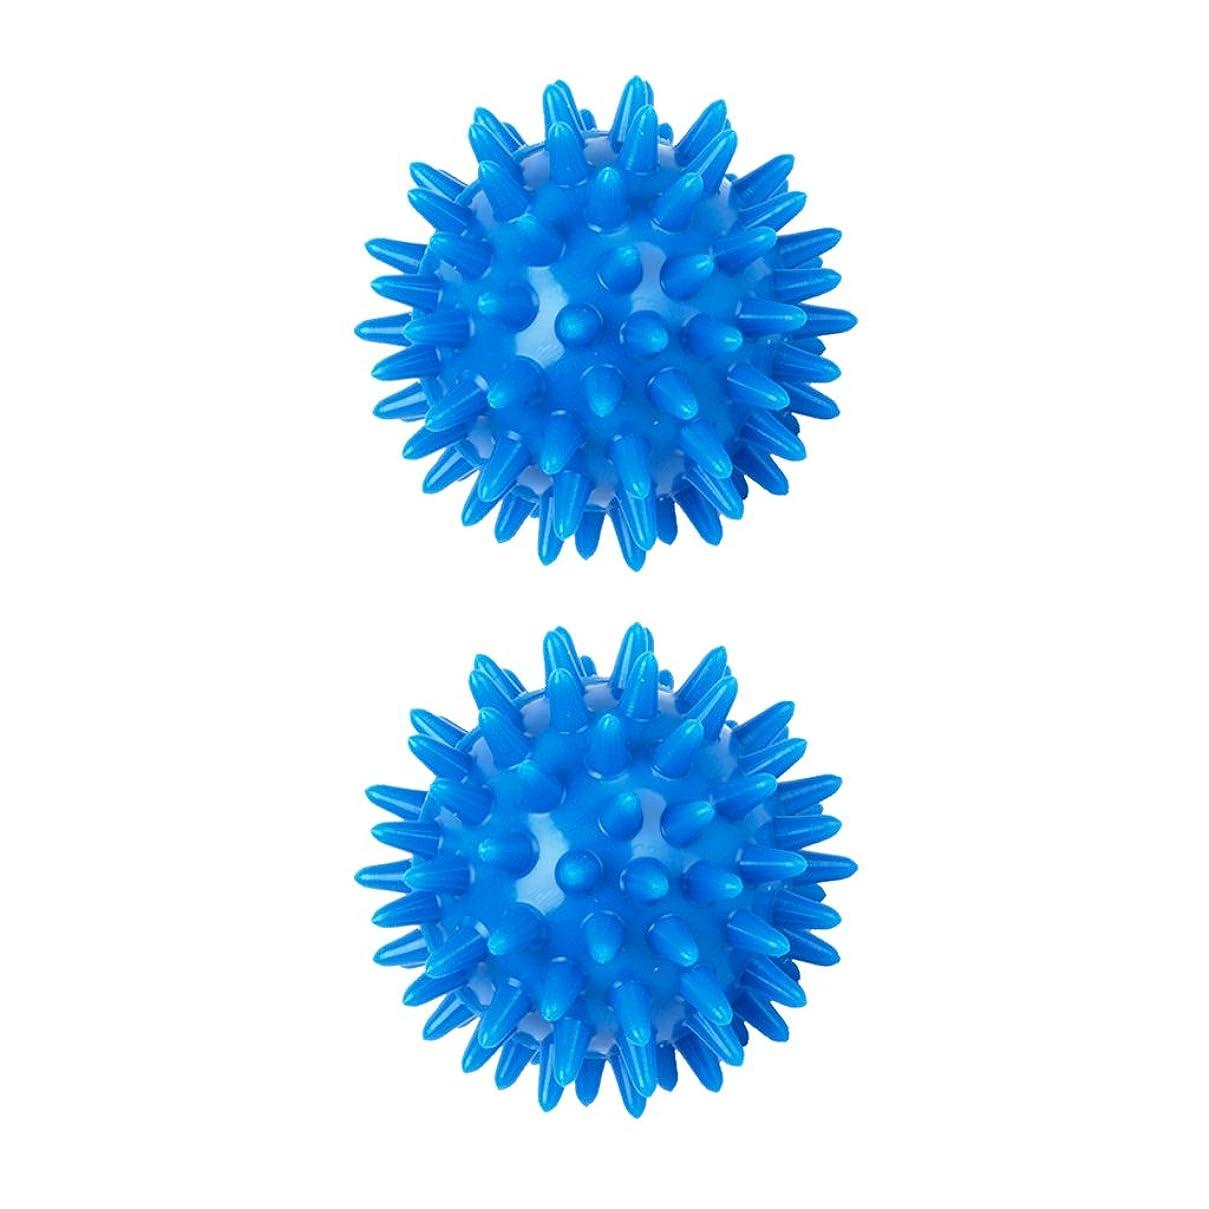 床を掃除する赤道調停者sharprepublic 2個 足 足首 背中 マッサージボール 筋肉緊張和らげ 血液循環促進 5.5cm PVC製 ブルー